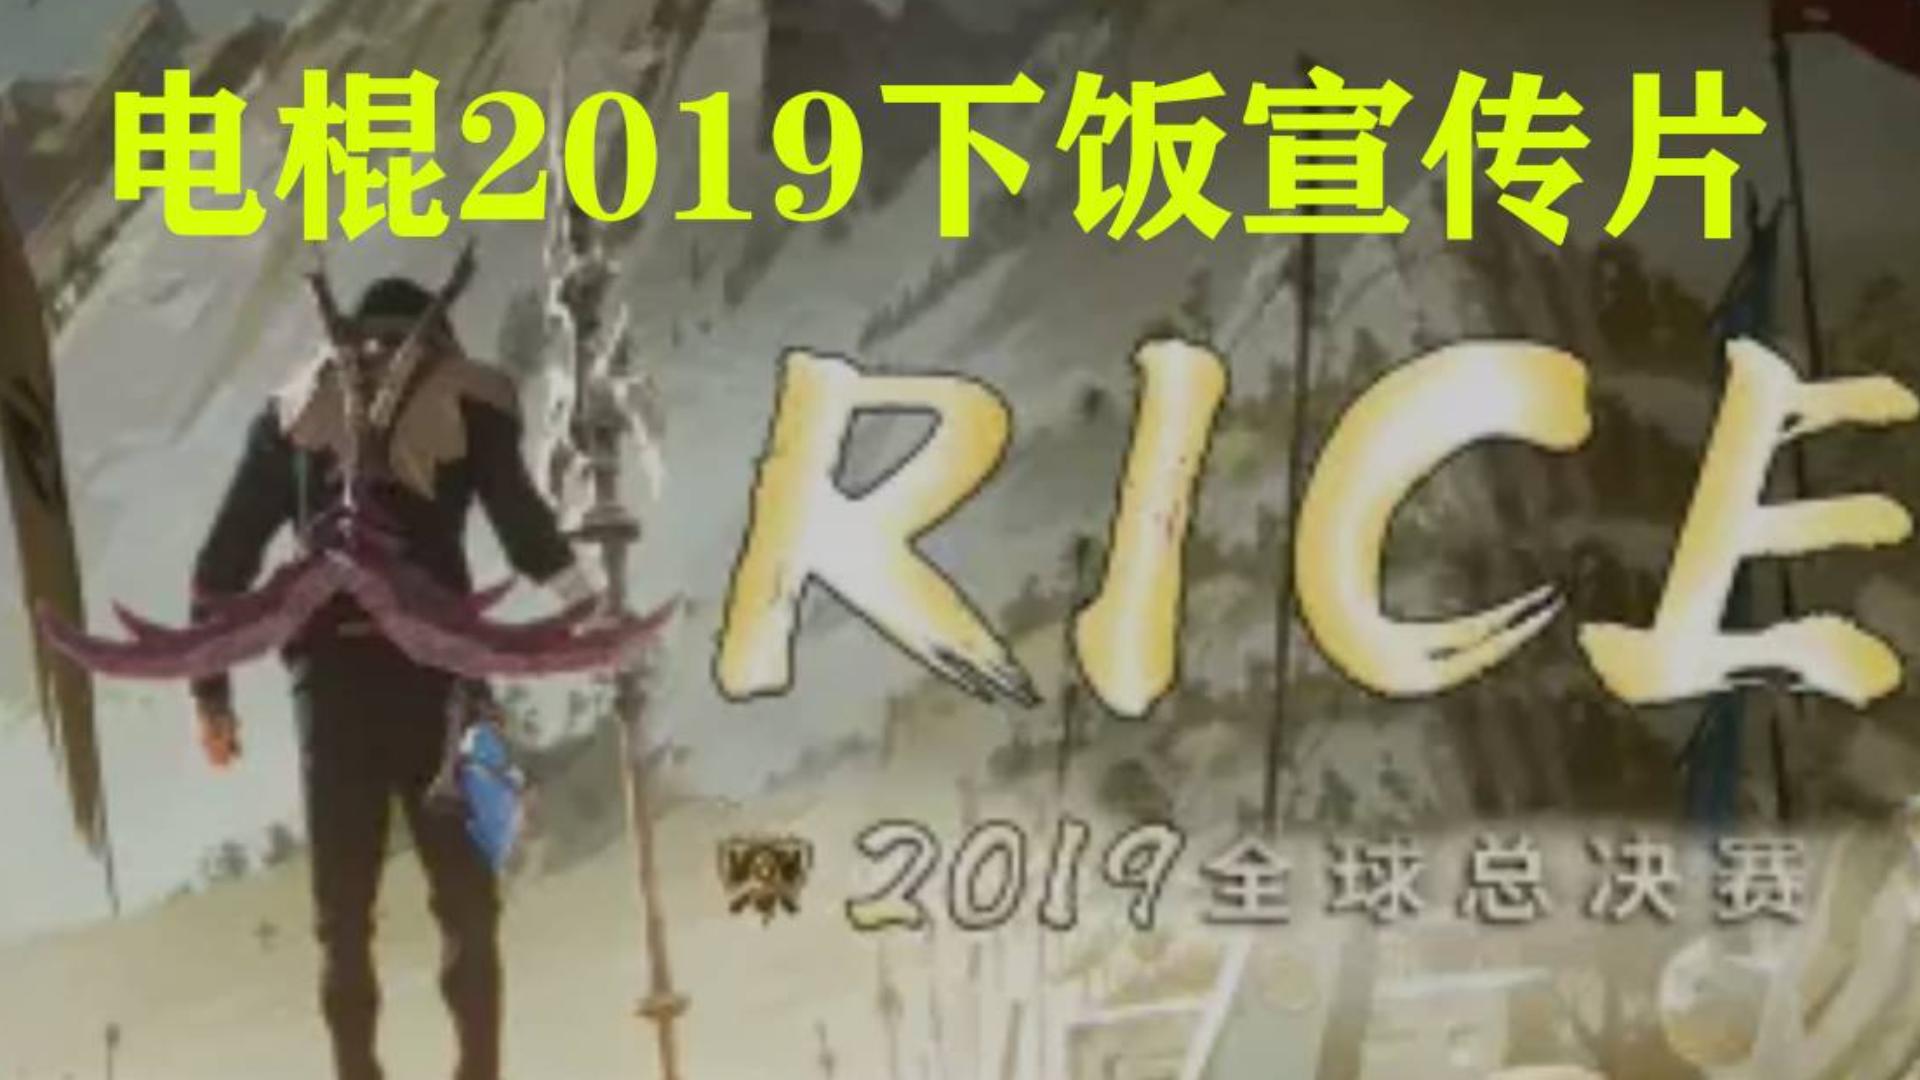 电棍下饭宣传片RICE